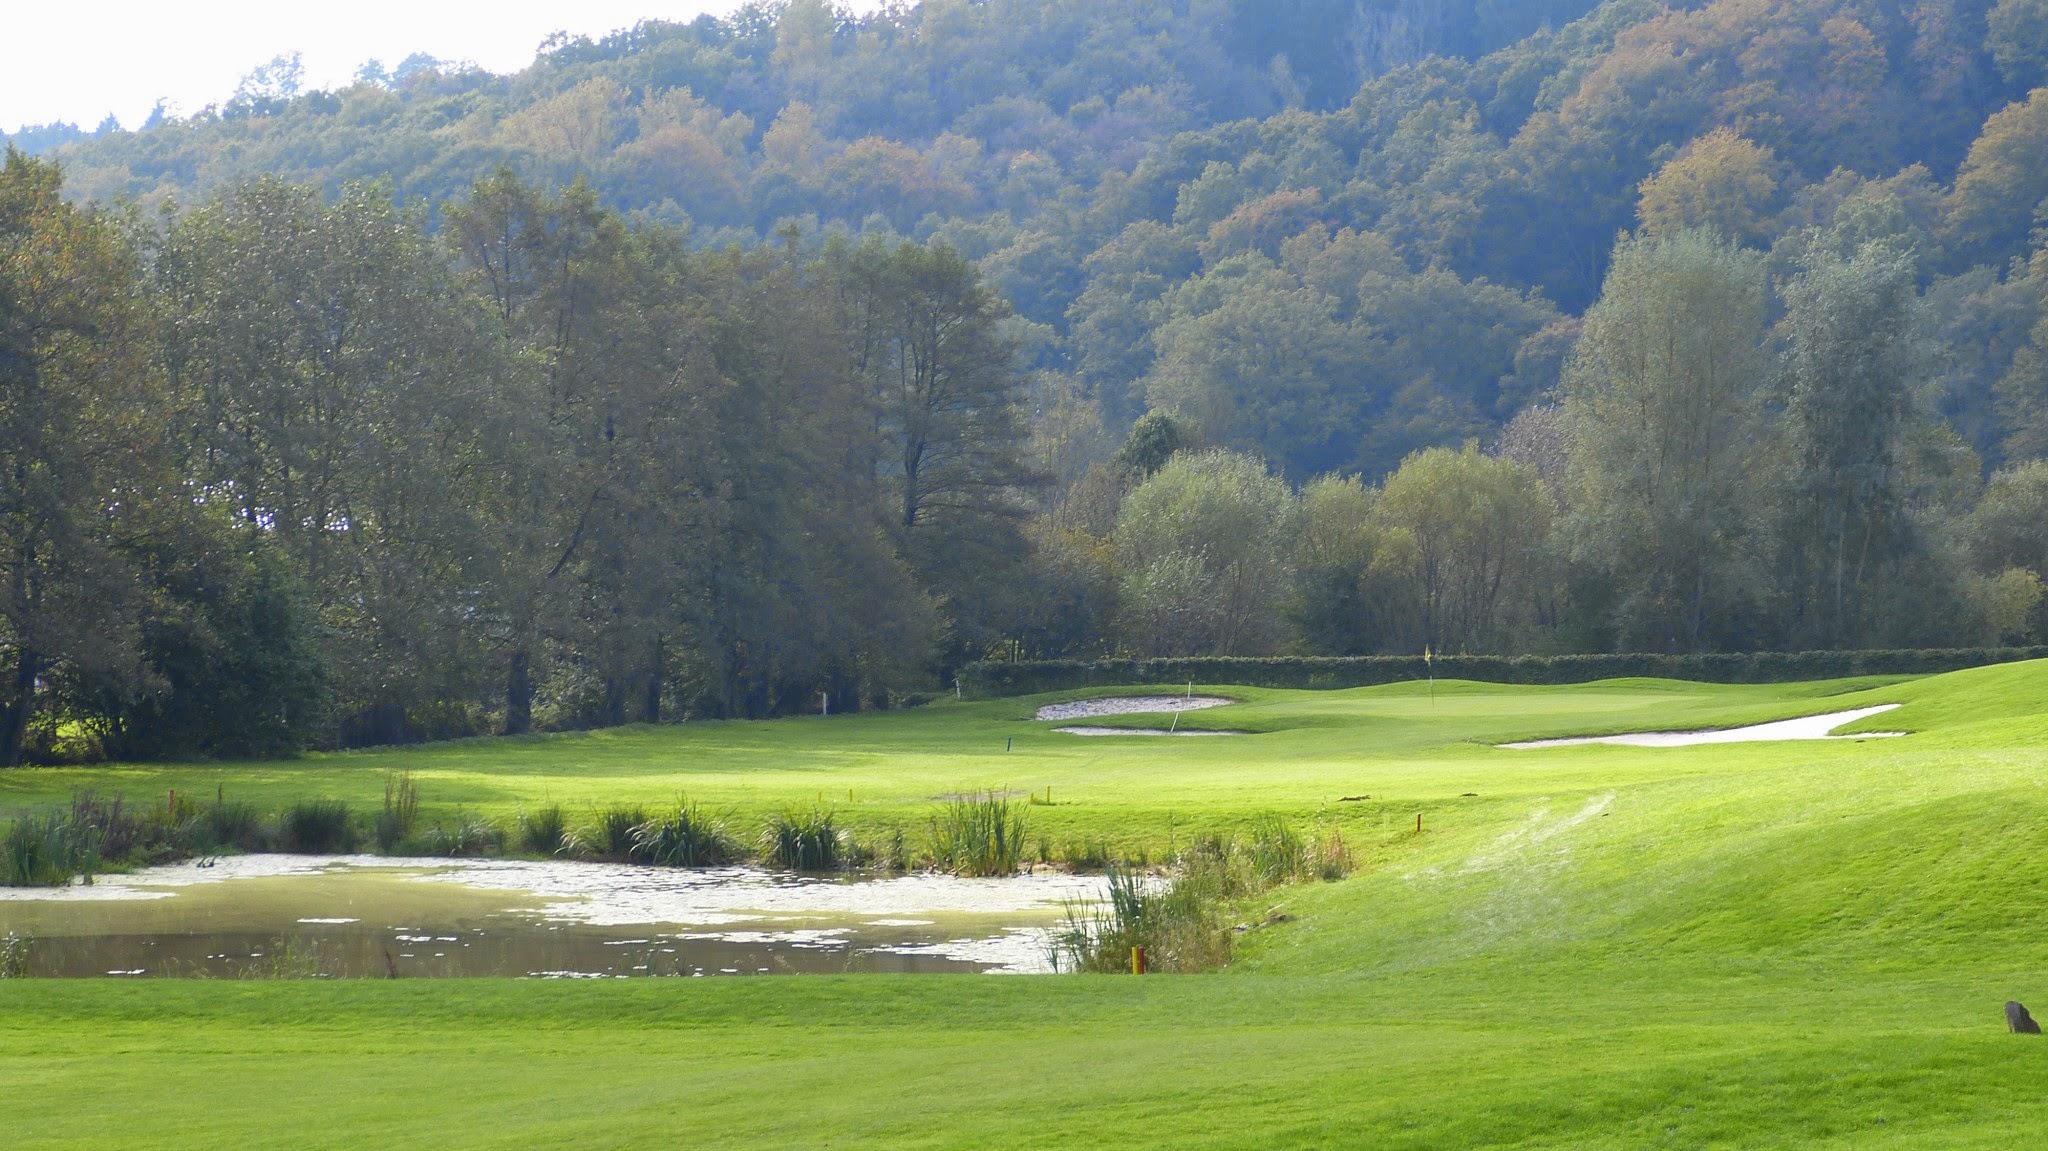 Golfplatz - Bahn13 (Wasserhindernis)